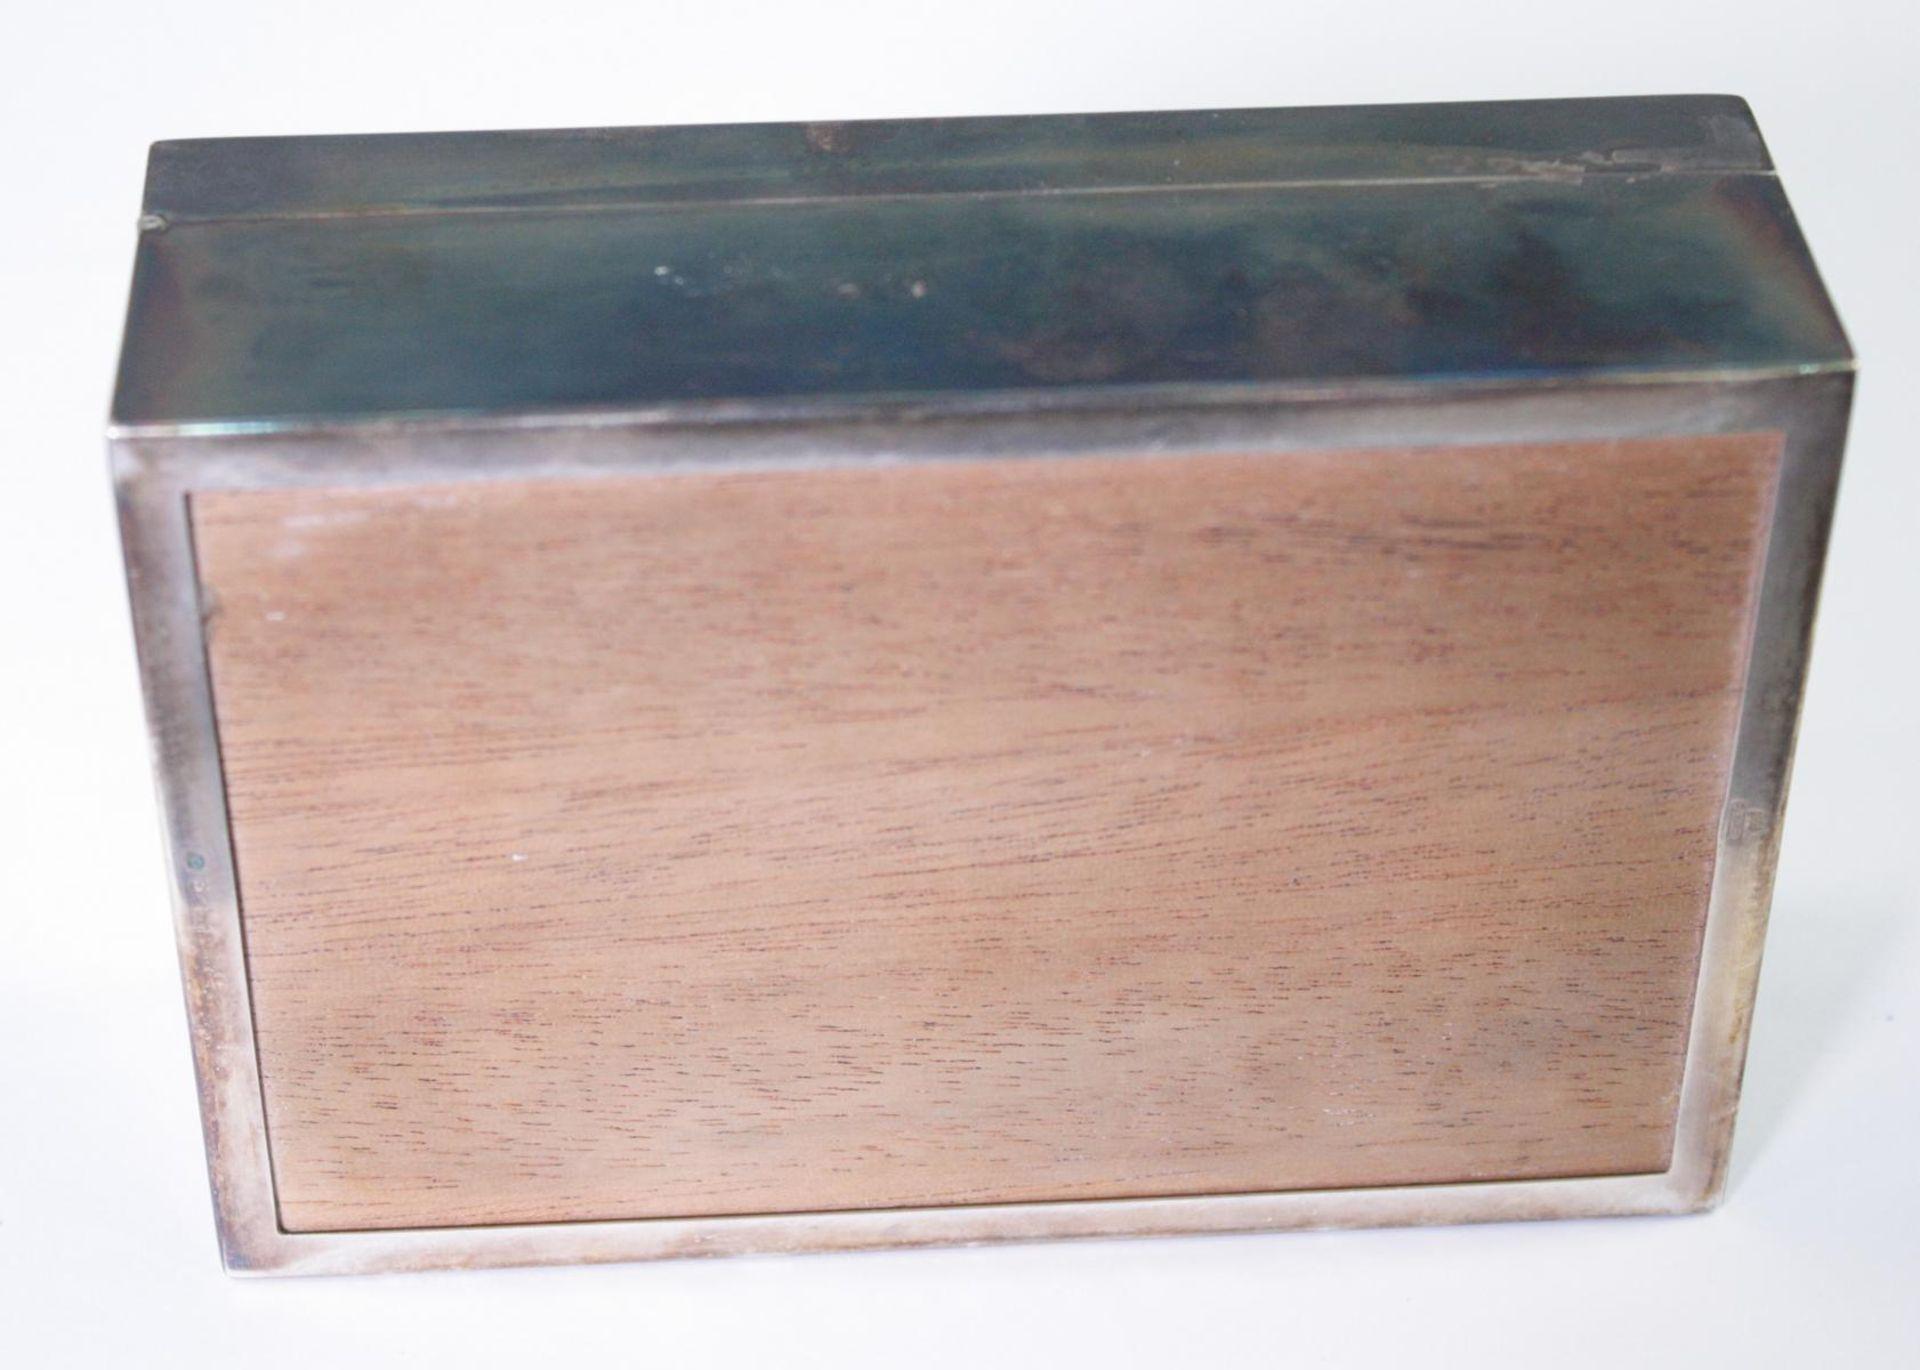 Silberne Deckeldose mit Monogramm GS, Zigarettendose - Bild 4 aus 6